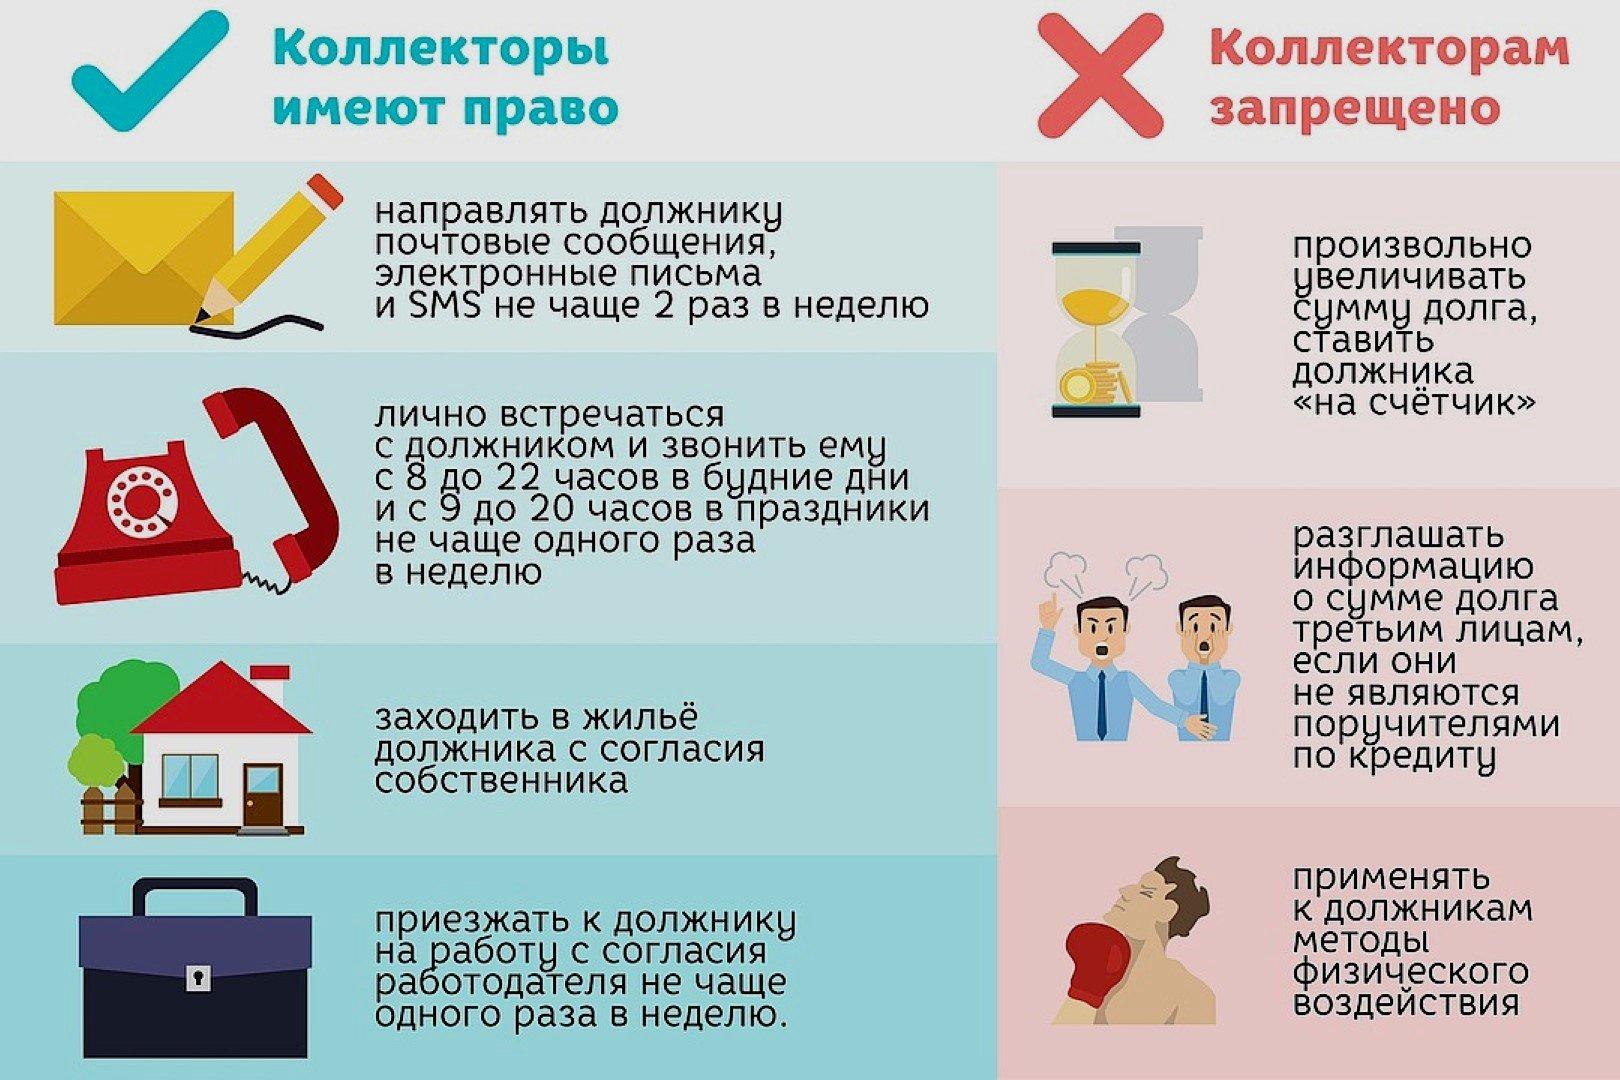 Права и ограничения коллекторских фирм